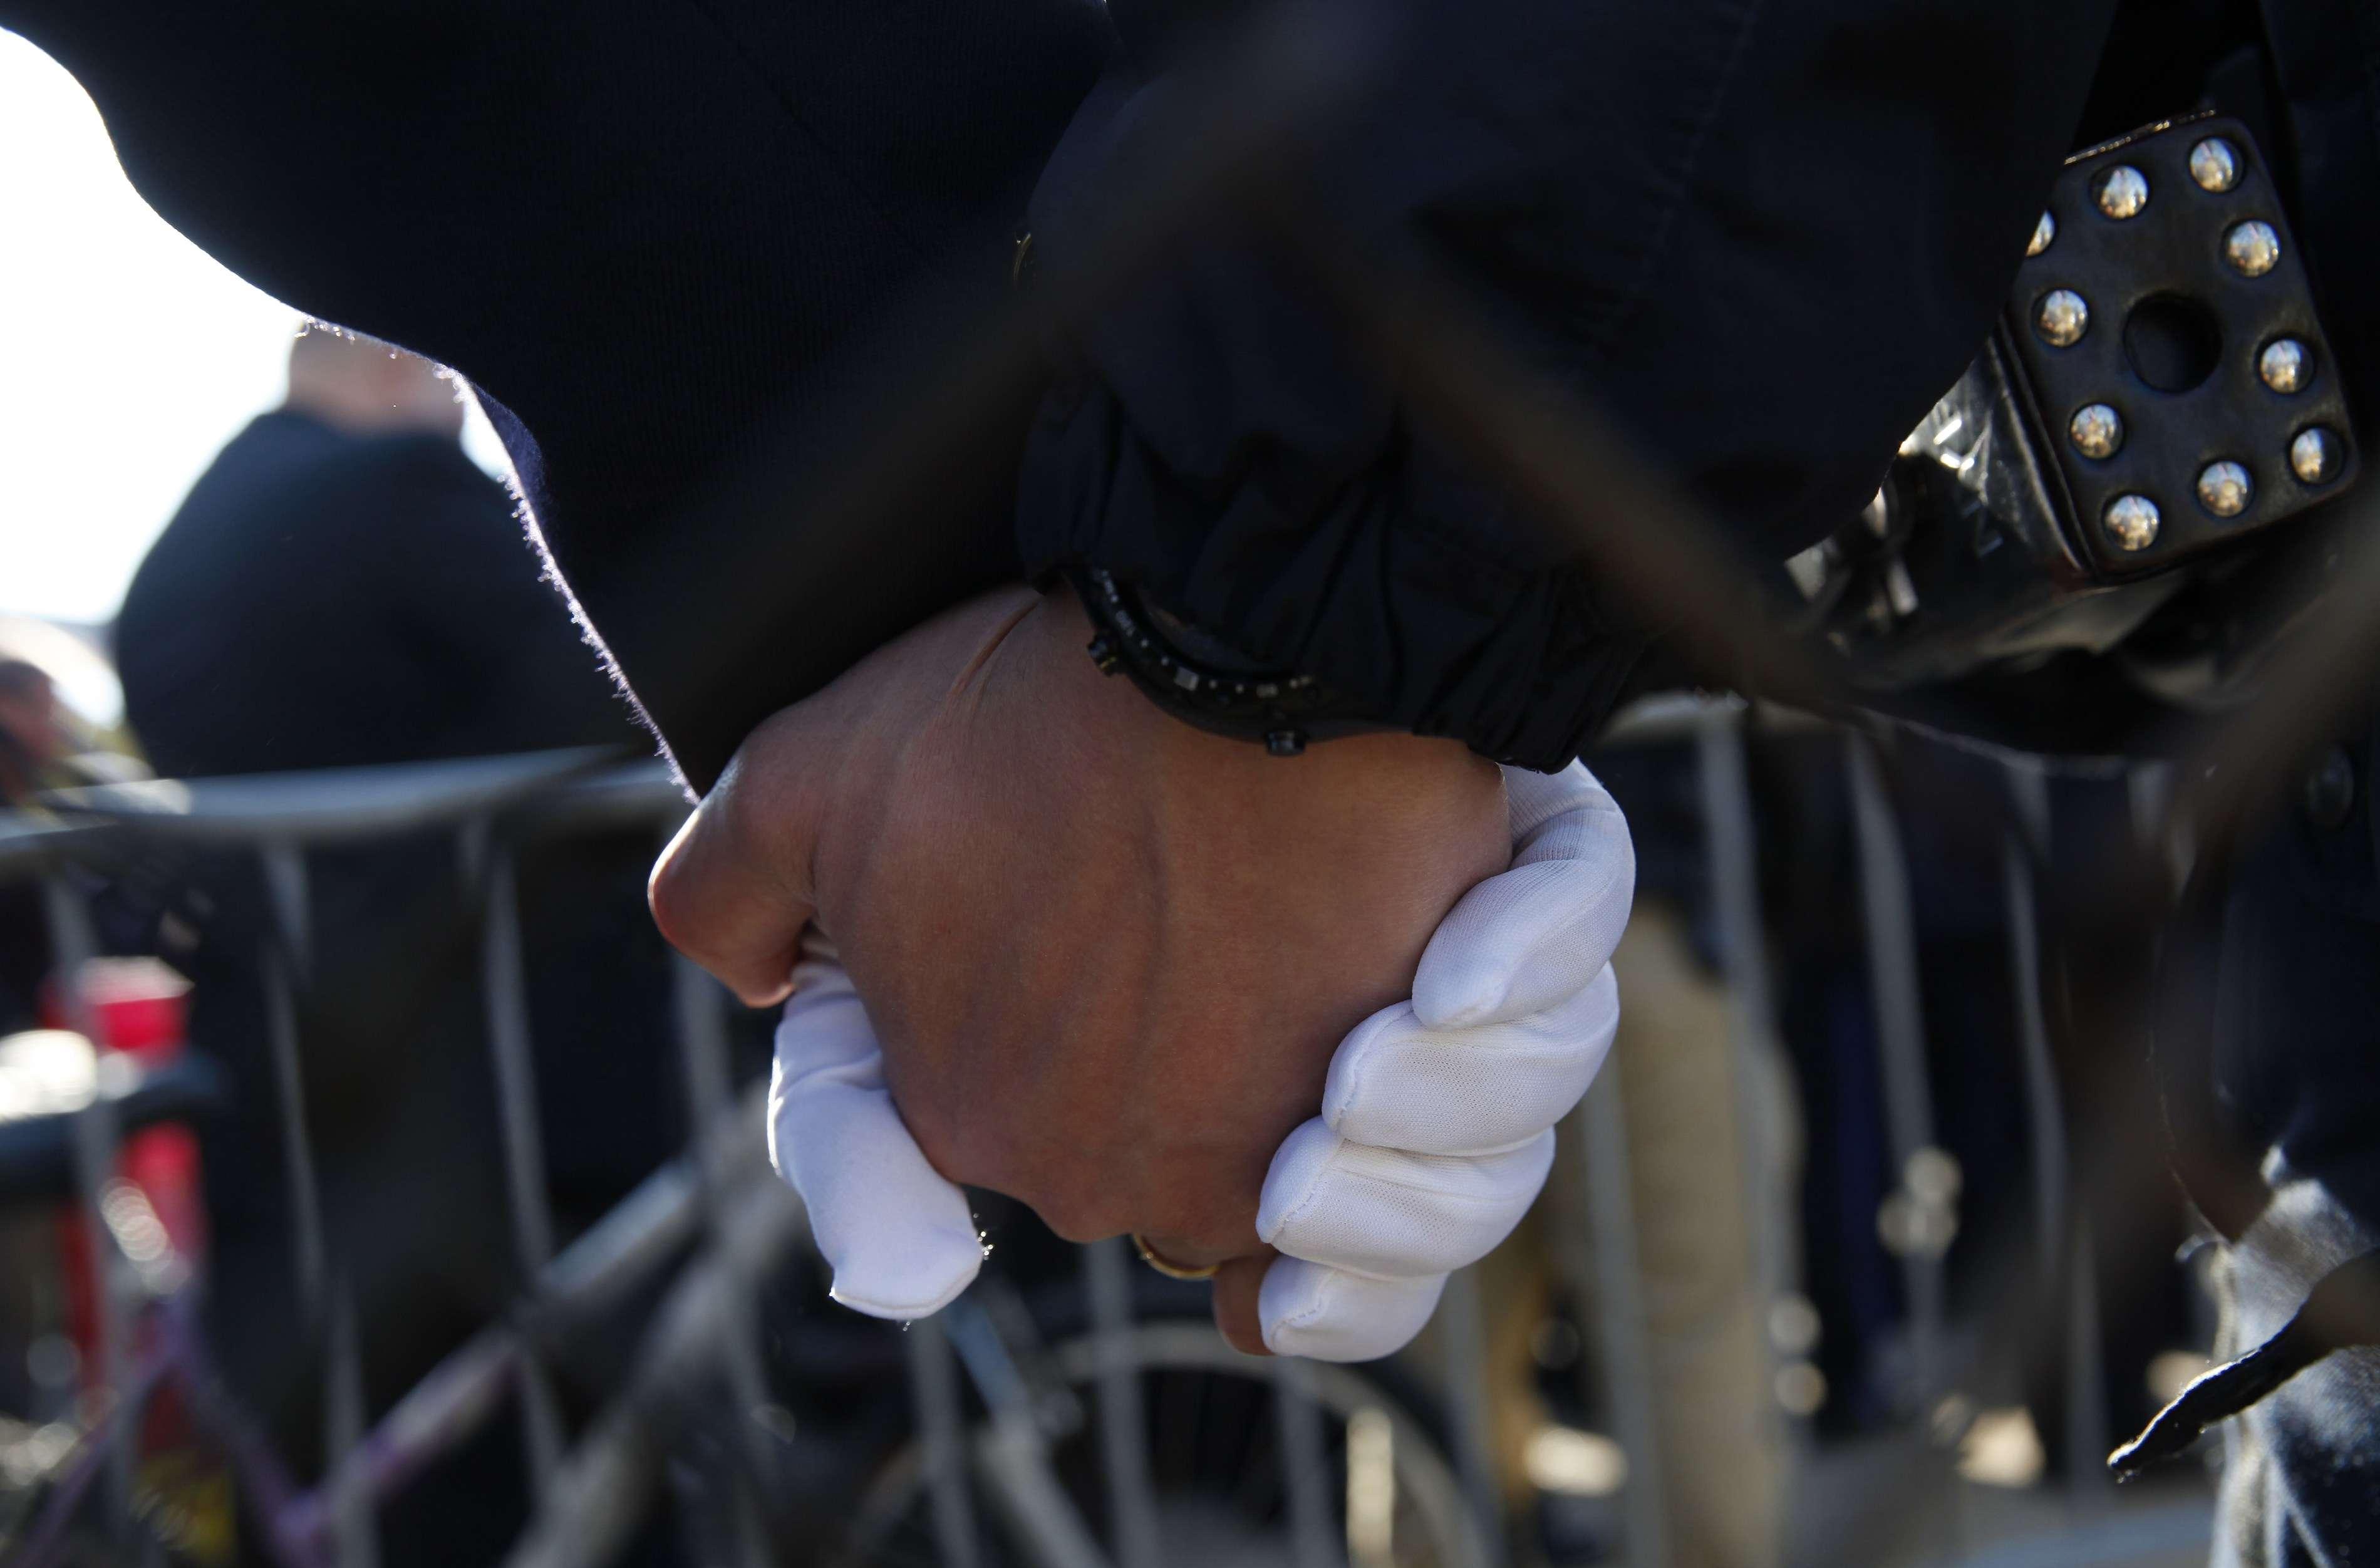 Essas mortes e as decisões de não processar os oficiais responsáveis geraram protestos nacionais Foto: Mike Segar /Reuters